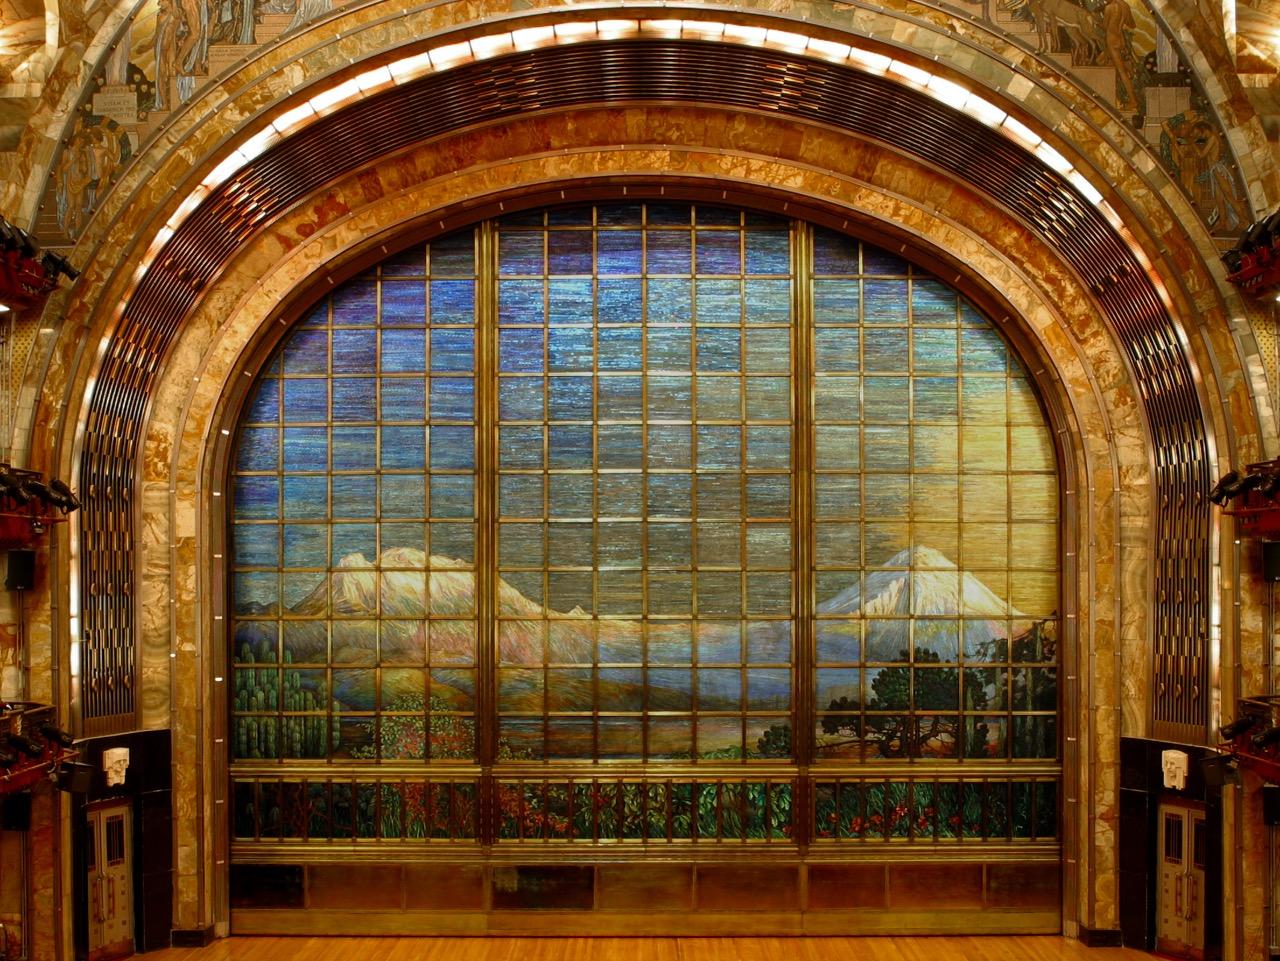 Se abre el telón: 89 años del Palacio de Bellas Artes